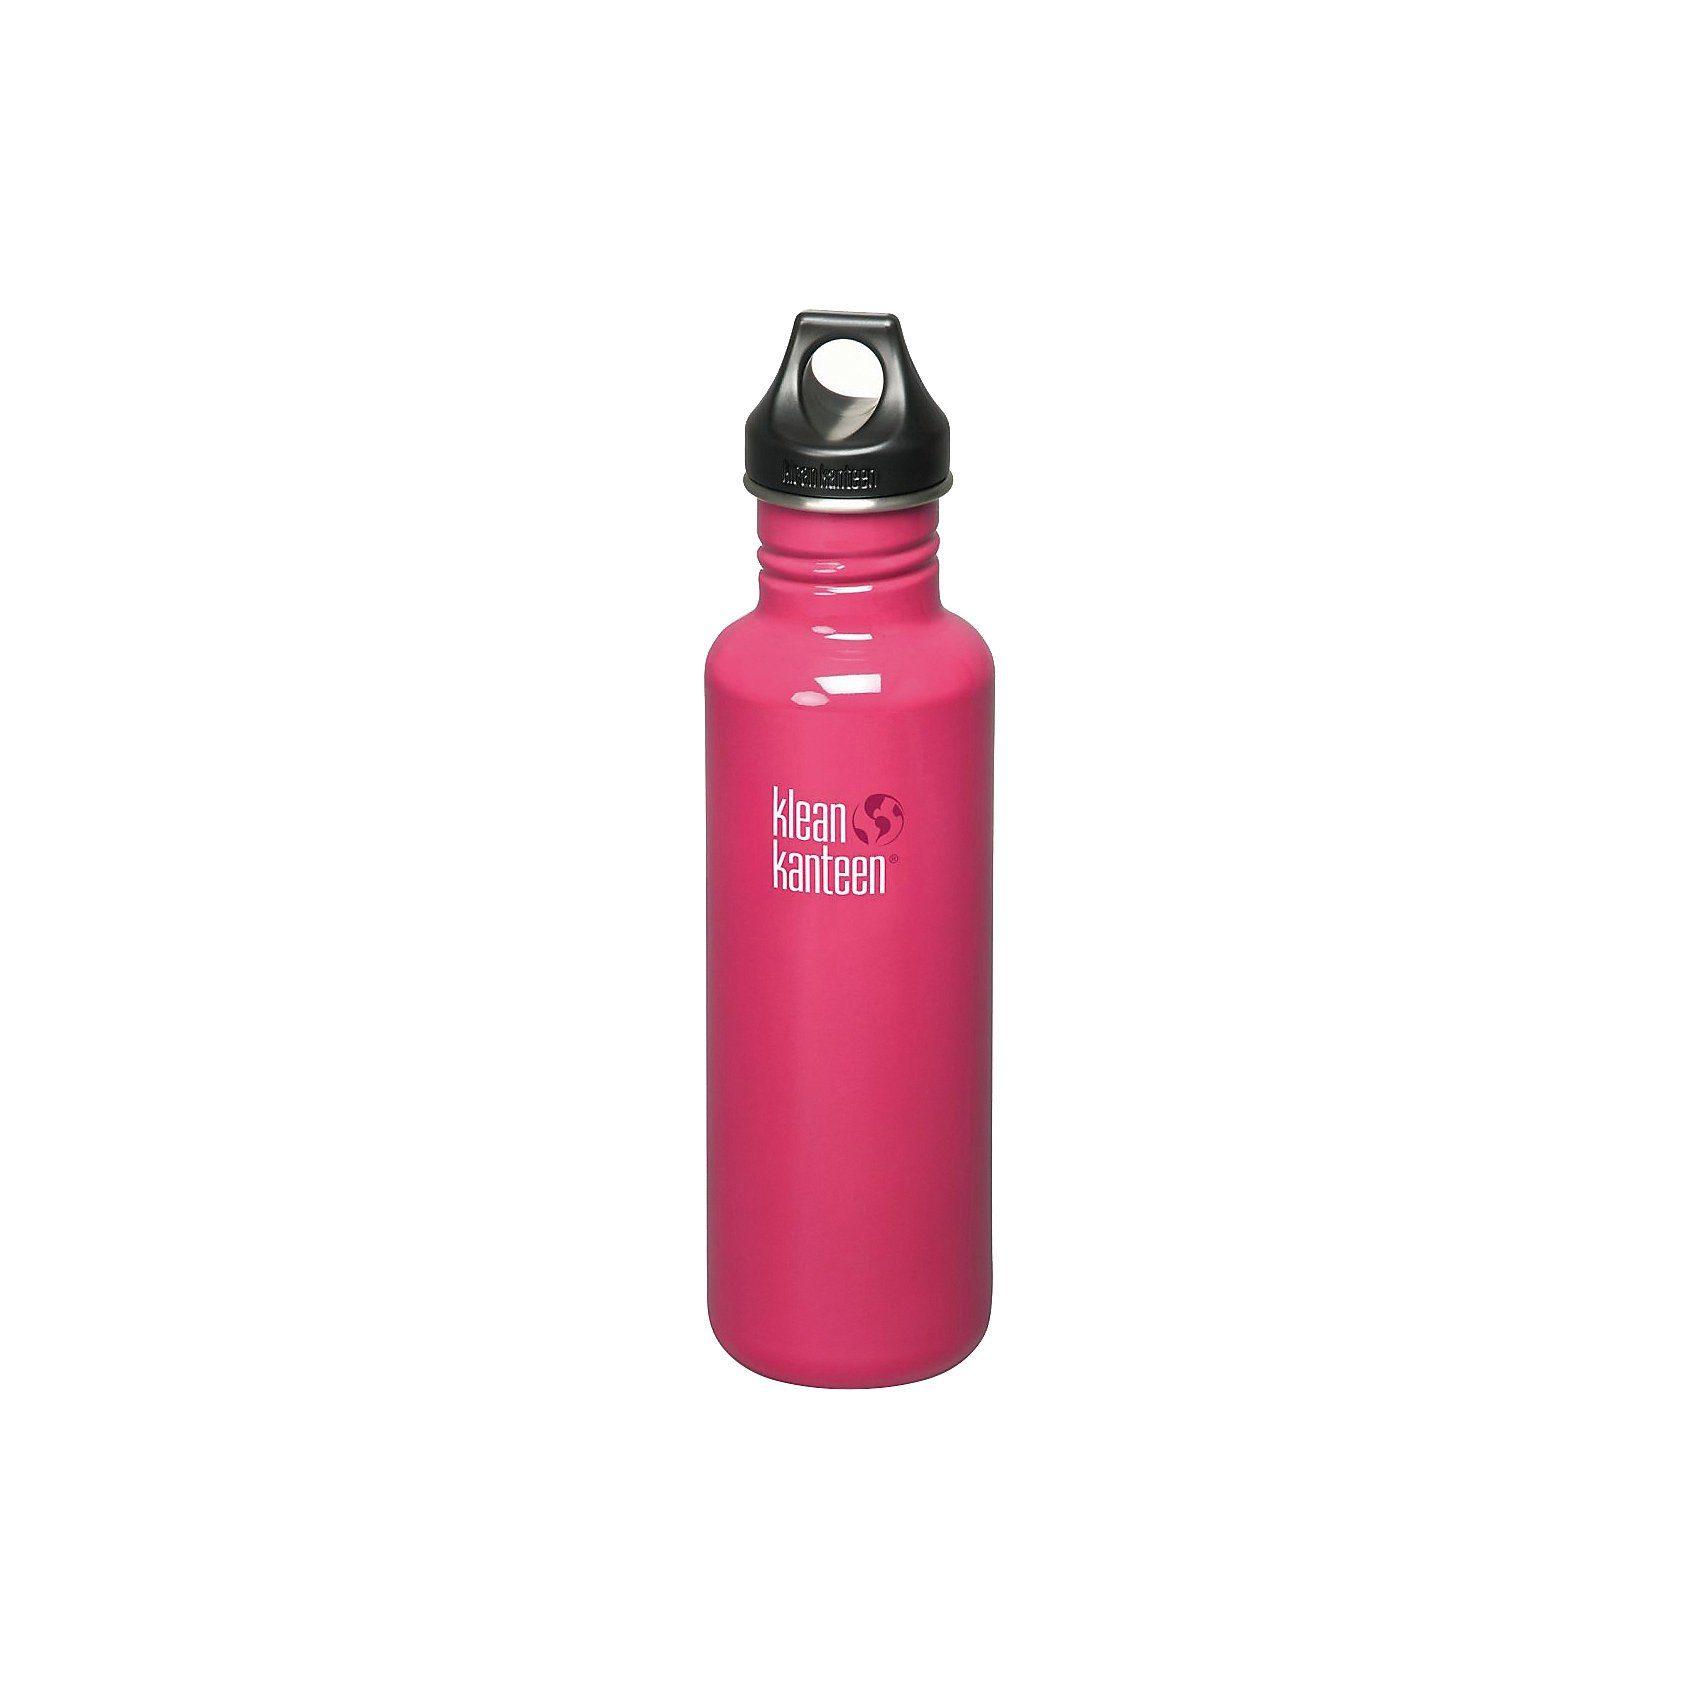 Trinkflasche Kanteen® Classic pink anemone, 800 ml, Loop Cap